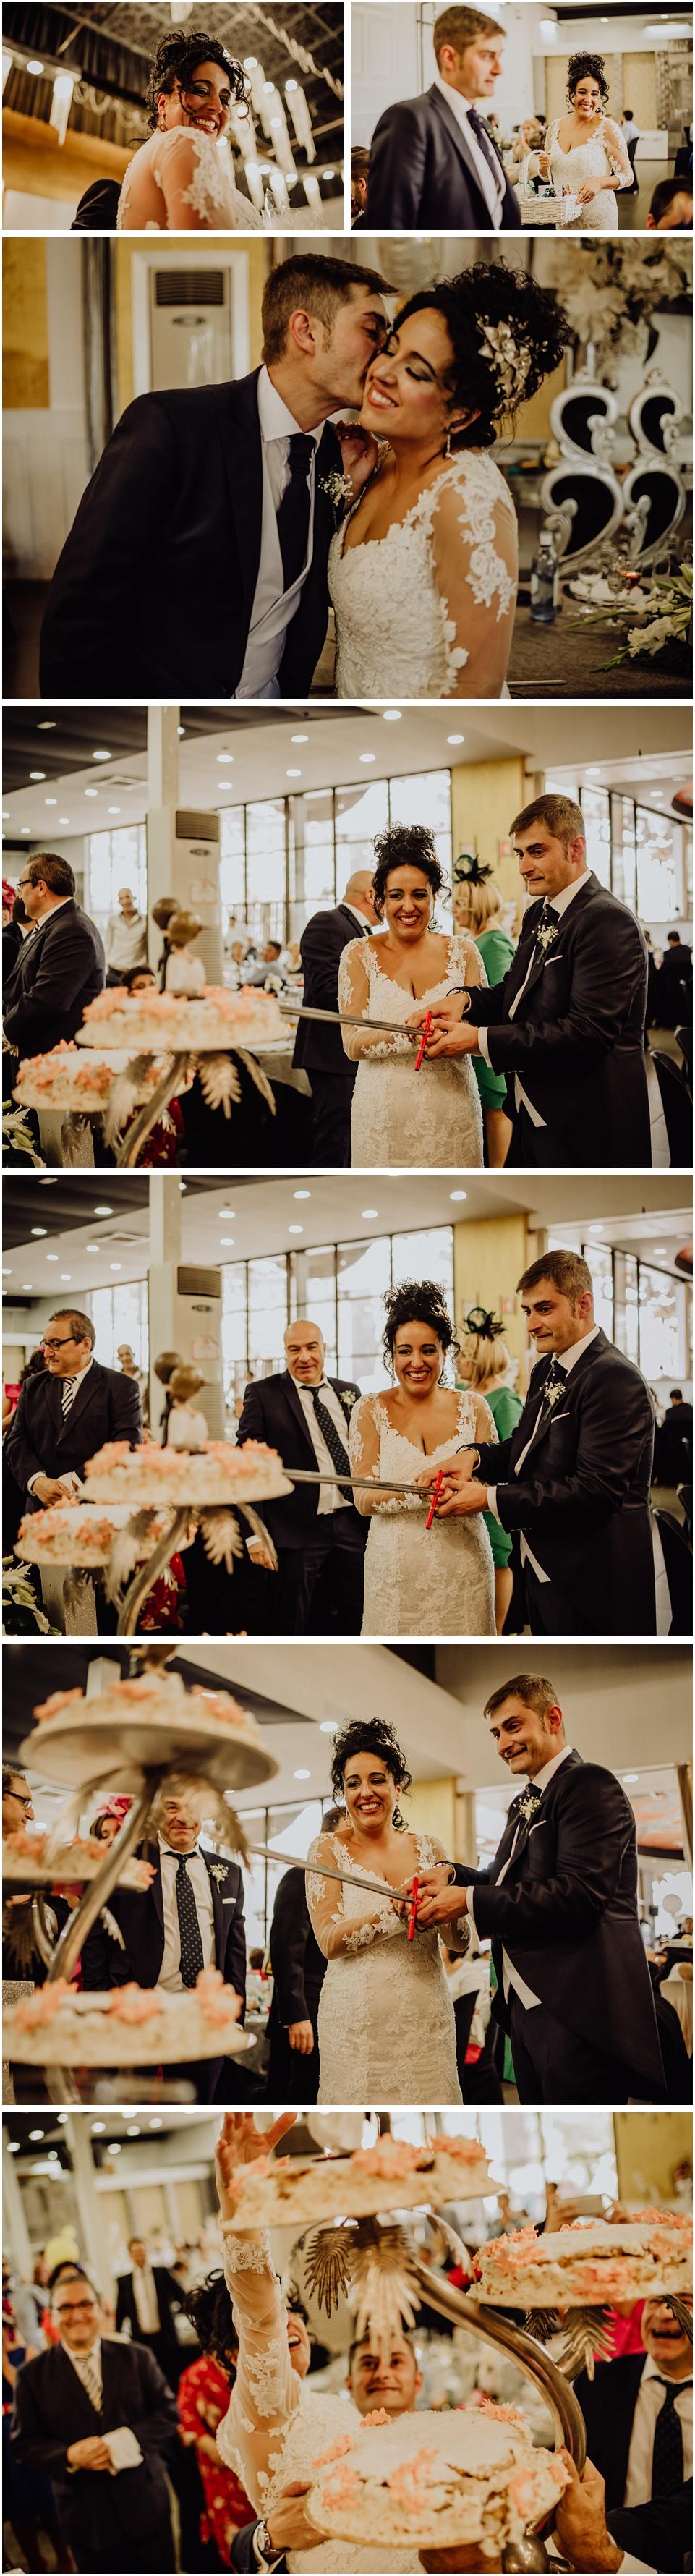 Fotografia de boda en el hotel acg de Los Villares, jaen